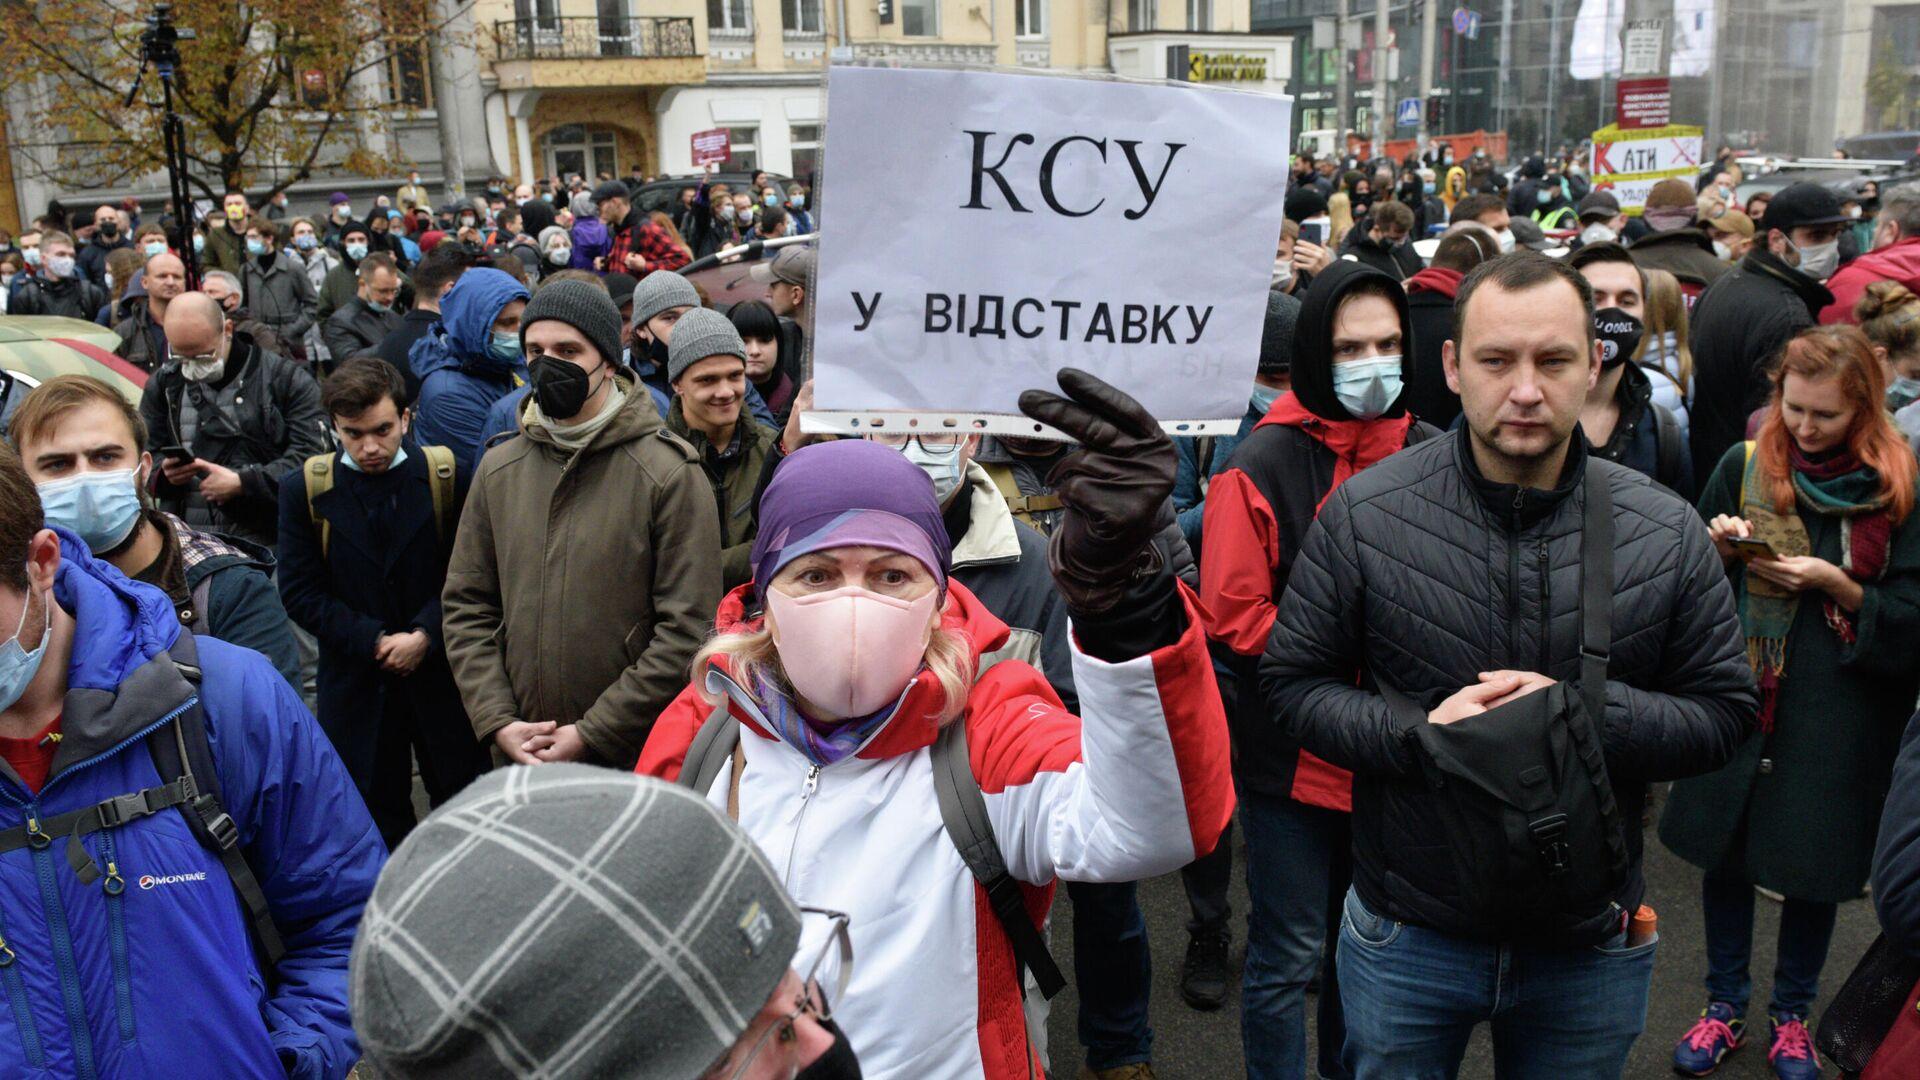 Участники акции протеста у здания Конституционного суда в Киеве - РИА Новости, 1920, 05.11.2020